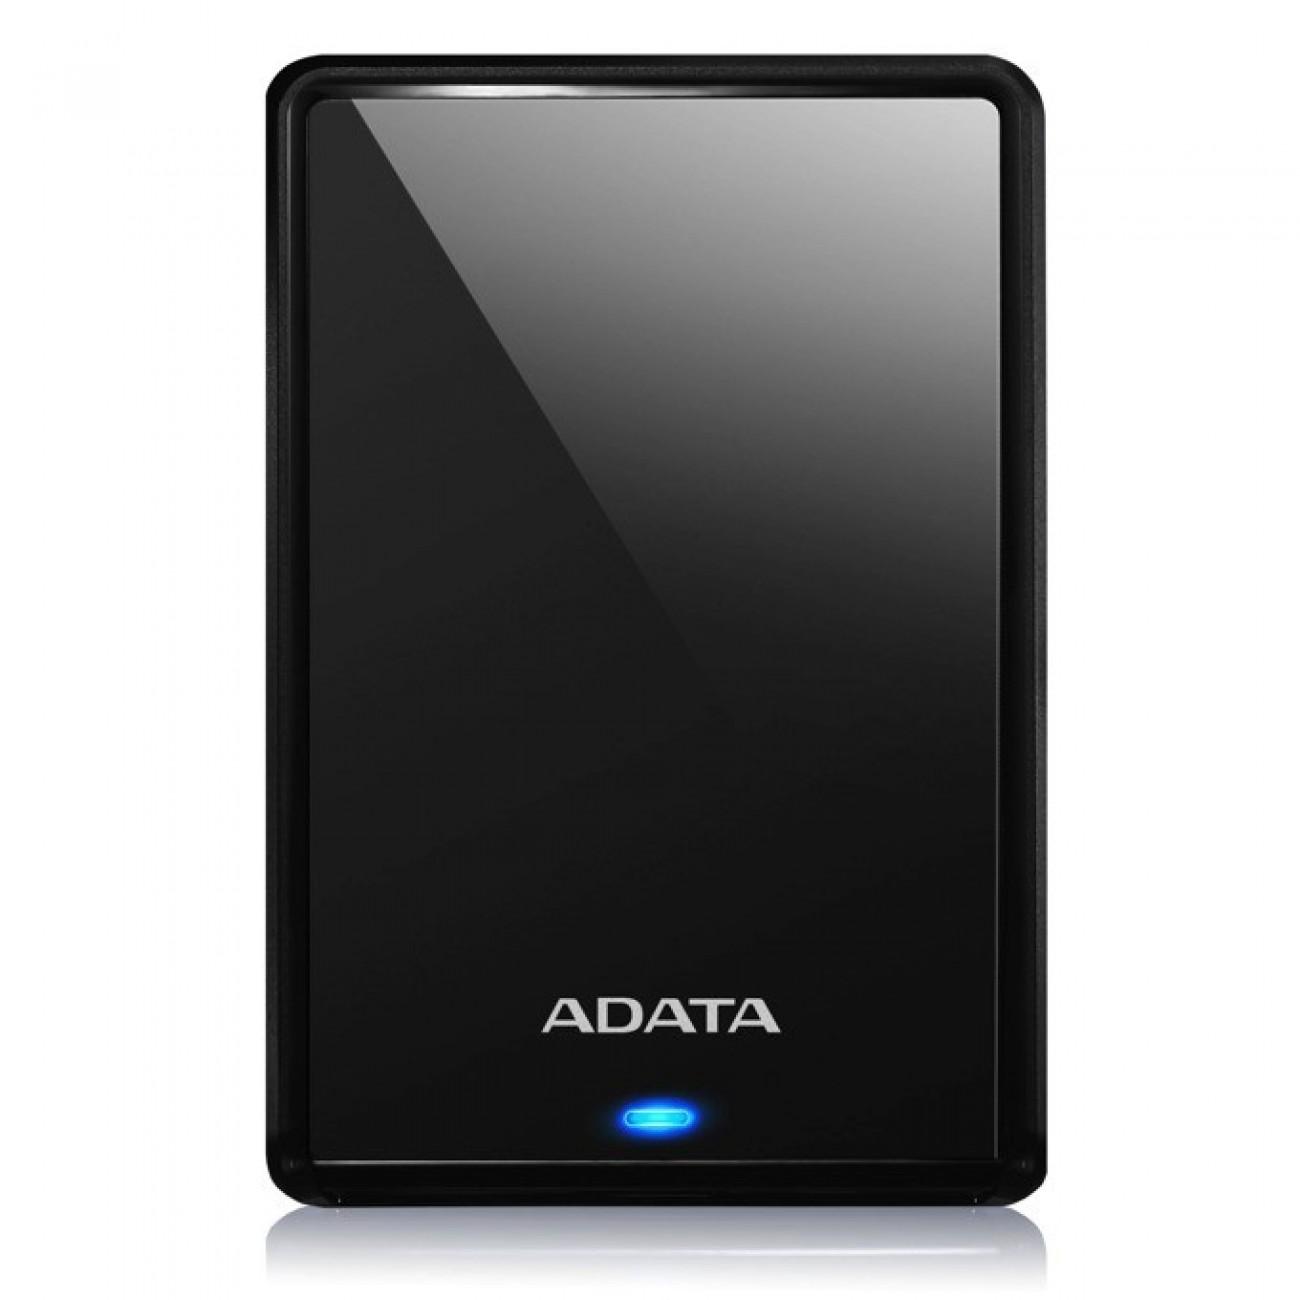 1TB A-Data HV620S (черен), външен, 2.5 (6.35 cm), USB 3.1 в Твърди дискове Външни -  | Alleop